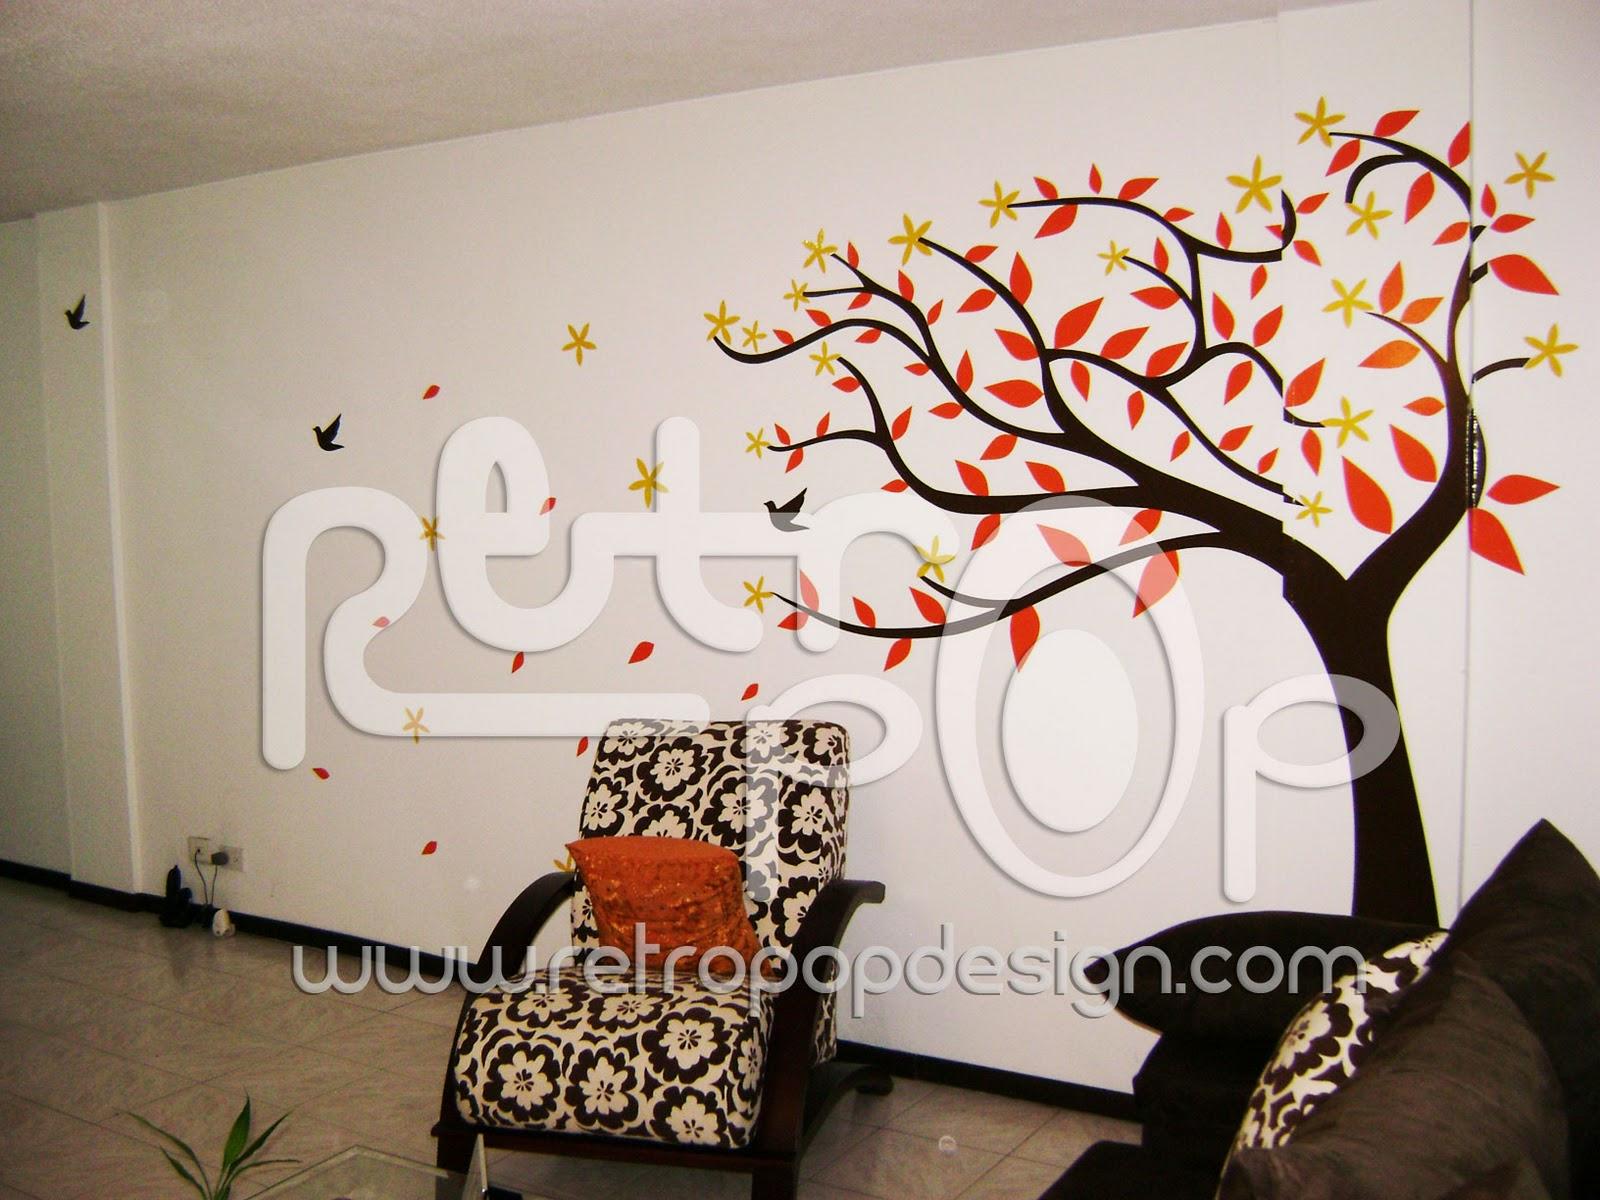 Vinilos decorativos retropop vinilos decorativos retropop for Vinilos decorativos arboles